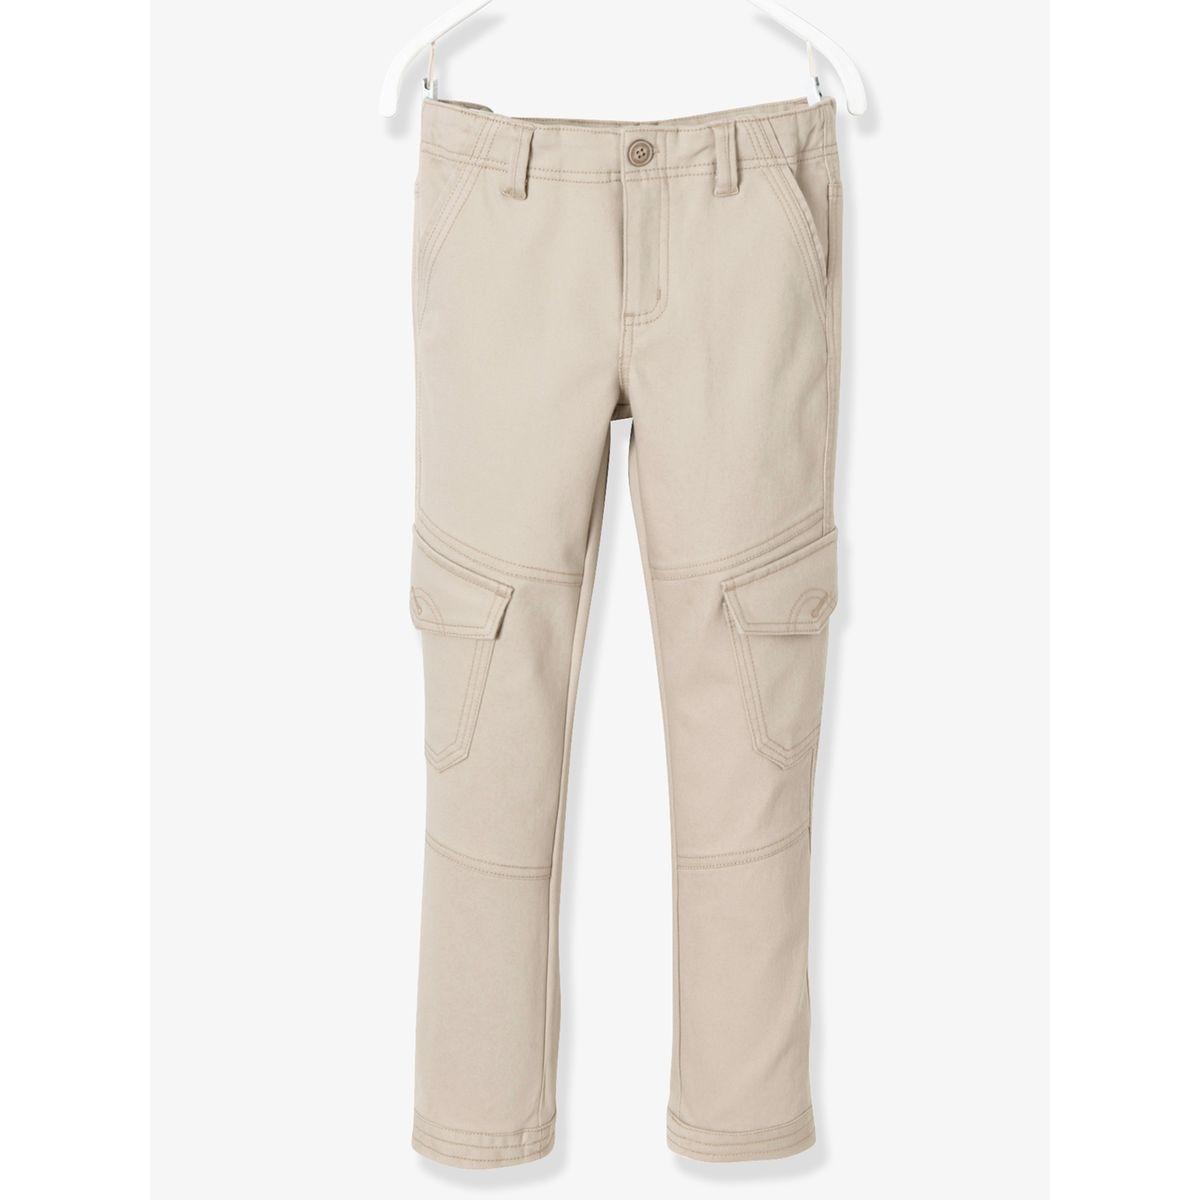 Pantalon battle indestructible garçon